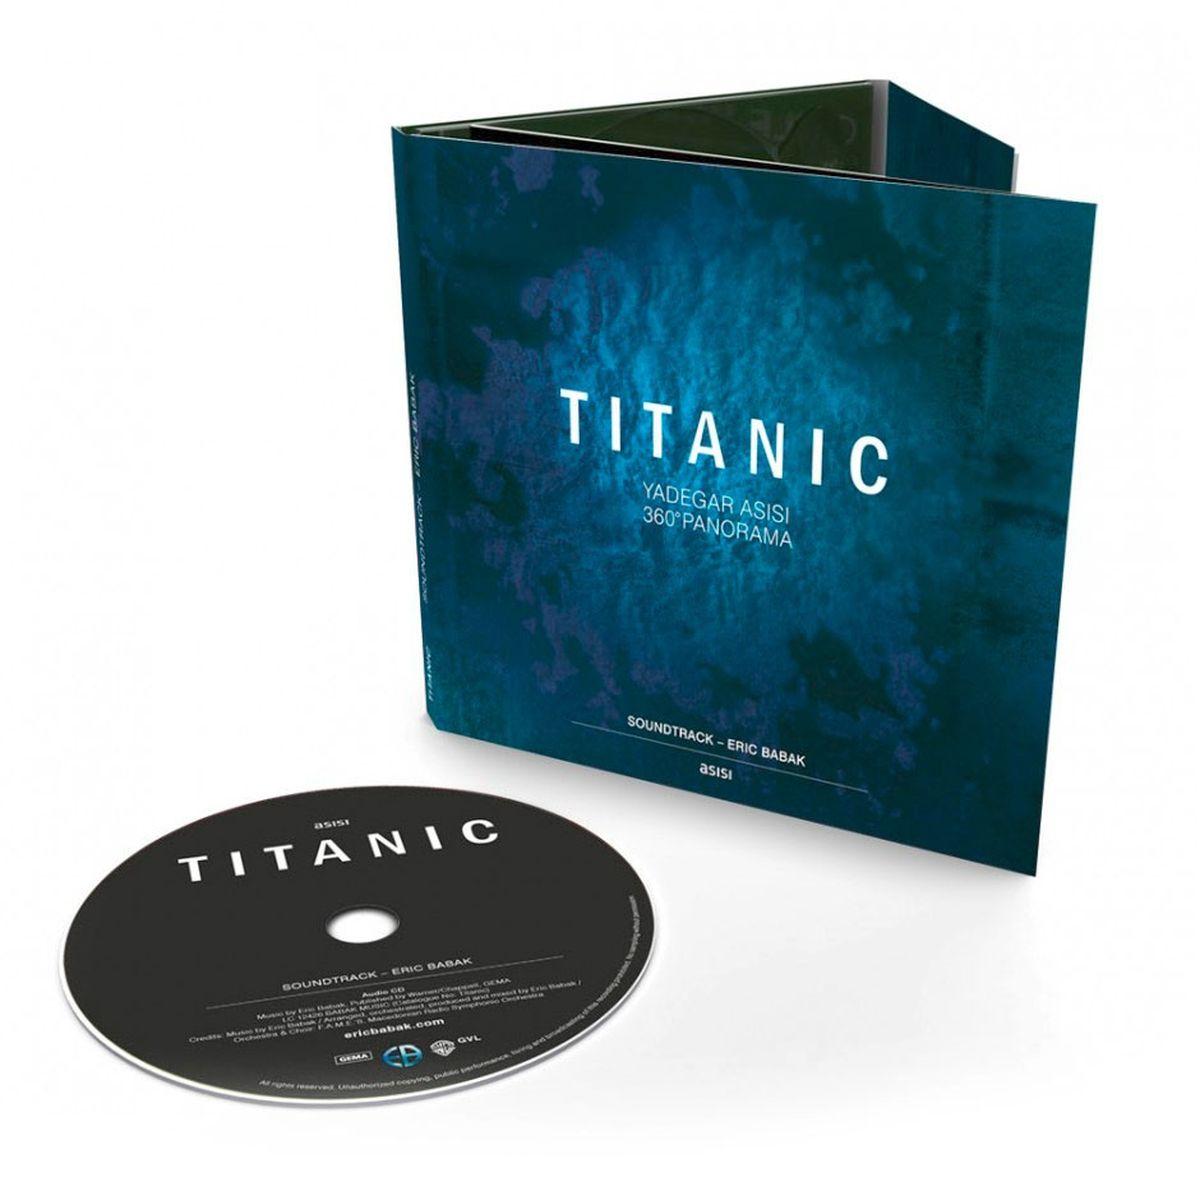 """Expo """"Titanic, les promesses de la modernité"""" by Asisi - Page 2 Cover.jpg.1200x1200_q80_crop_upscale"""